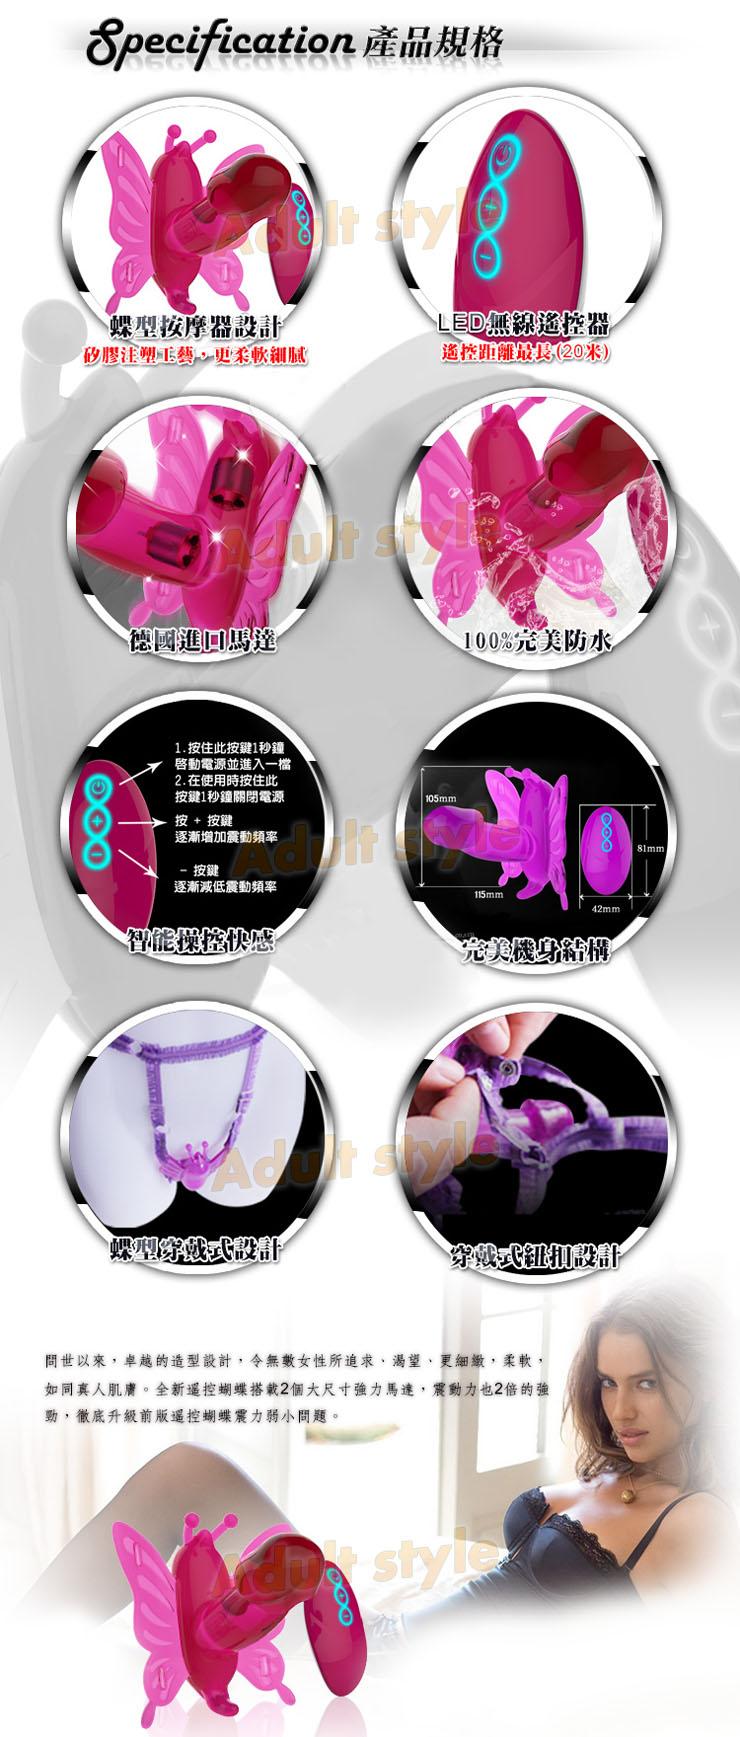 情趣精品-Dibe-雙振穿蝶女用無線遙控穿戴雙震蝴蝶